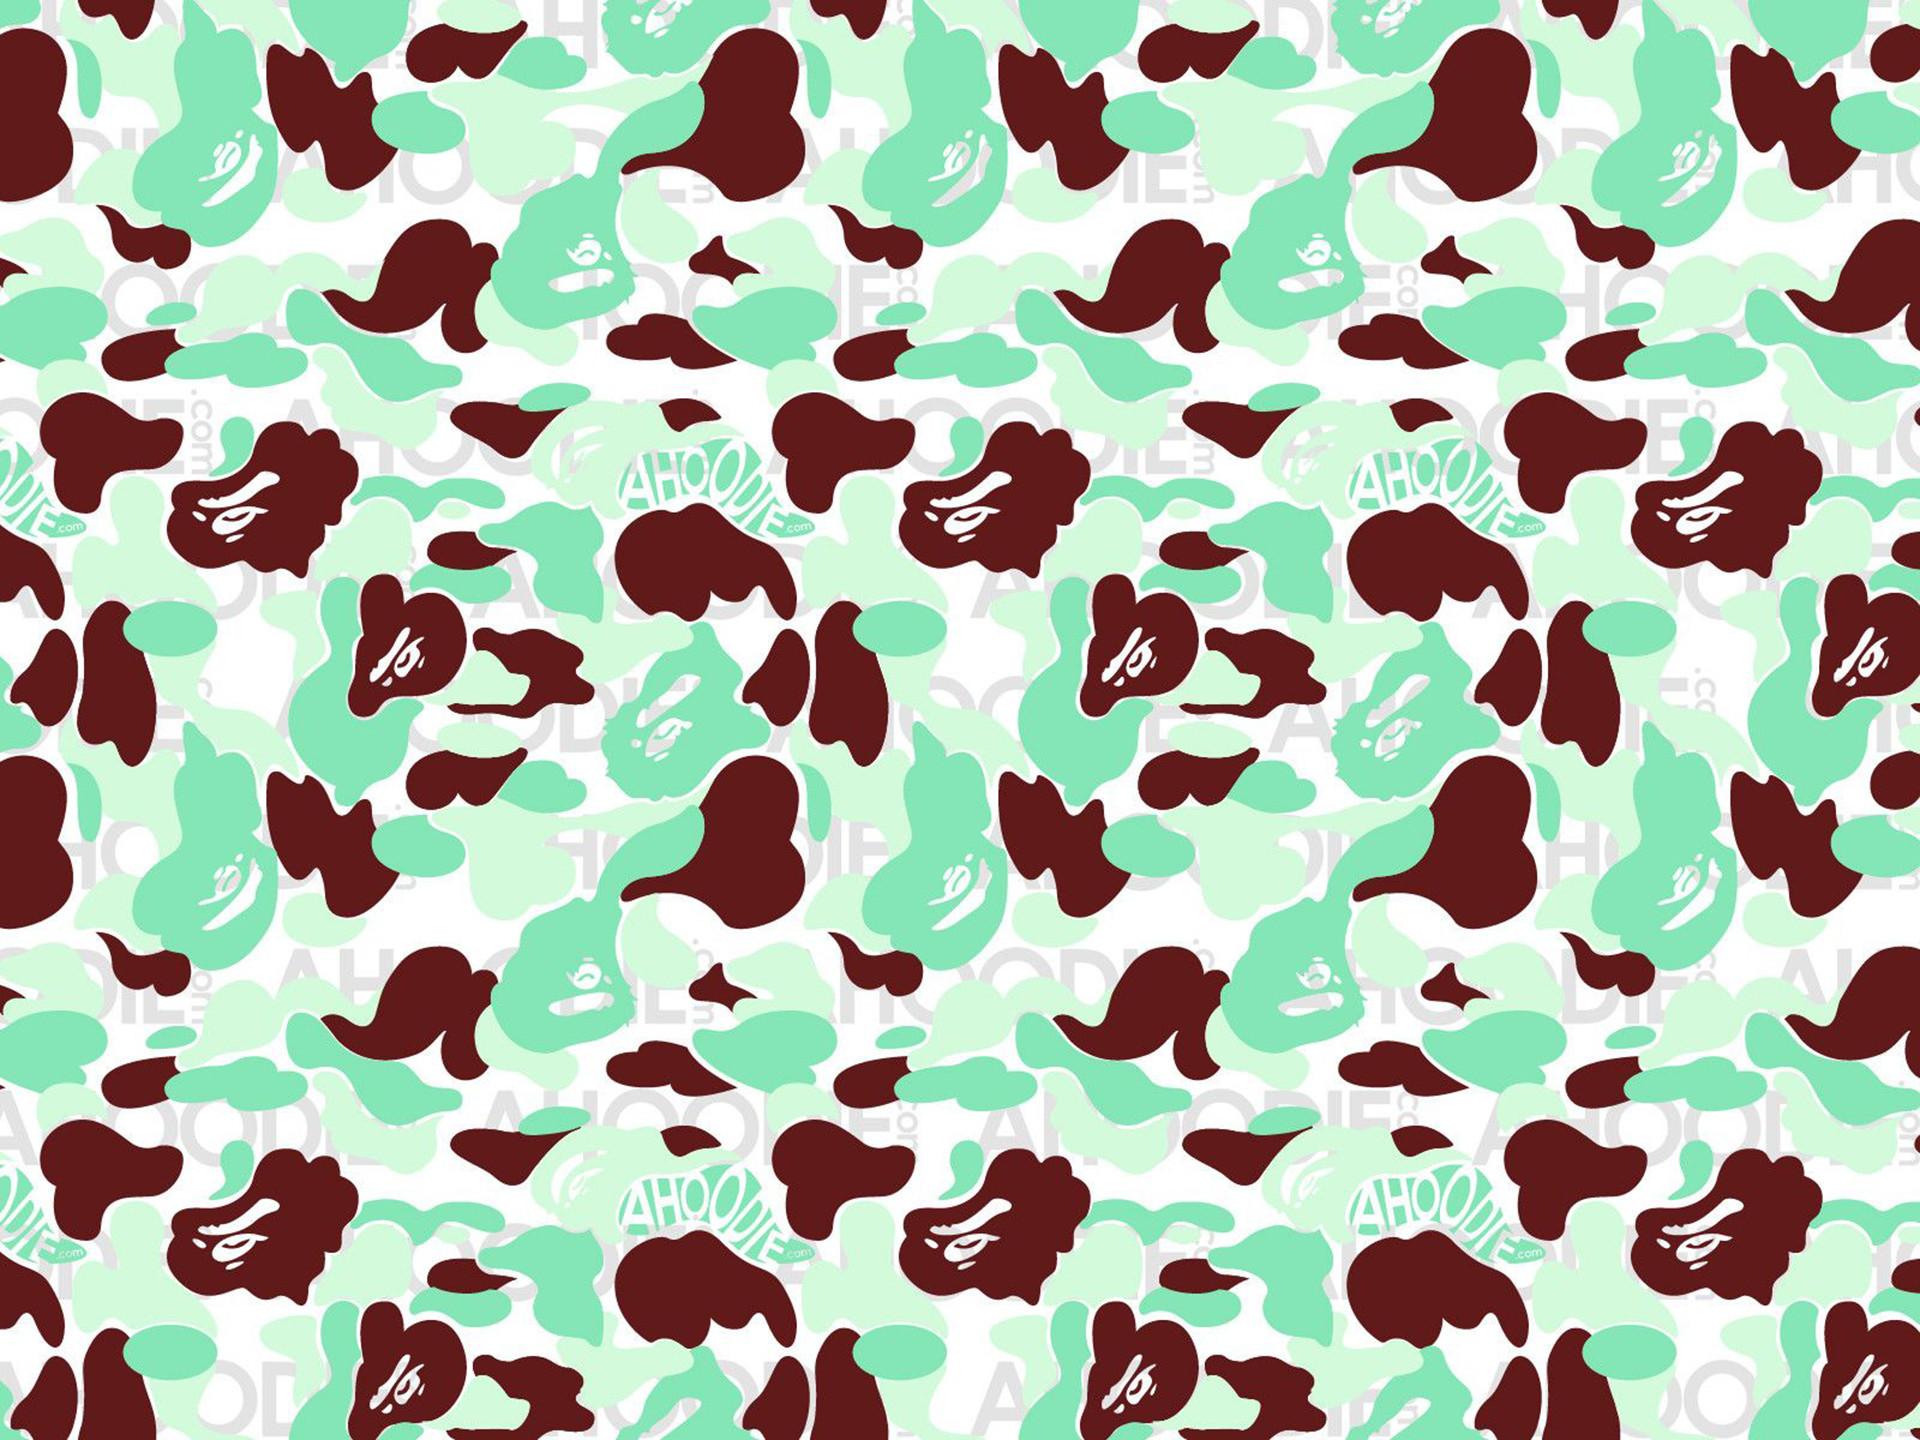 Bape wallpaper hd 60 images - Camo shark wallpaper ...